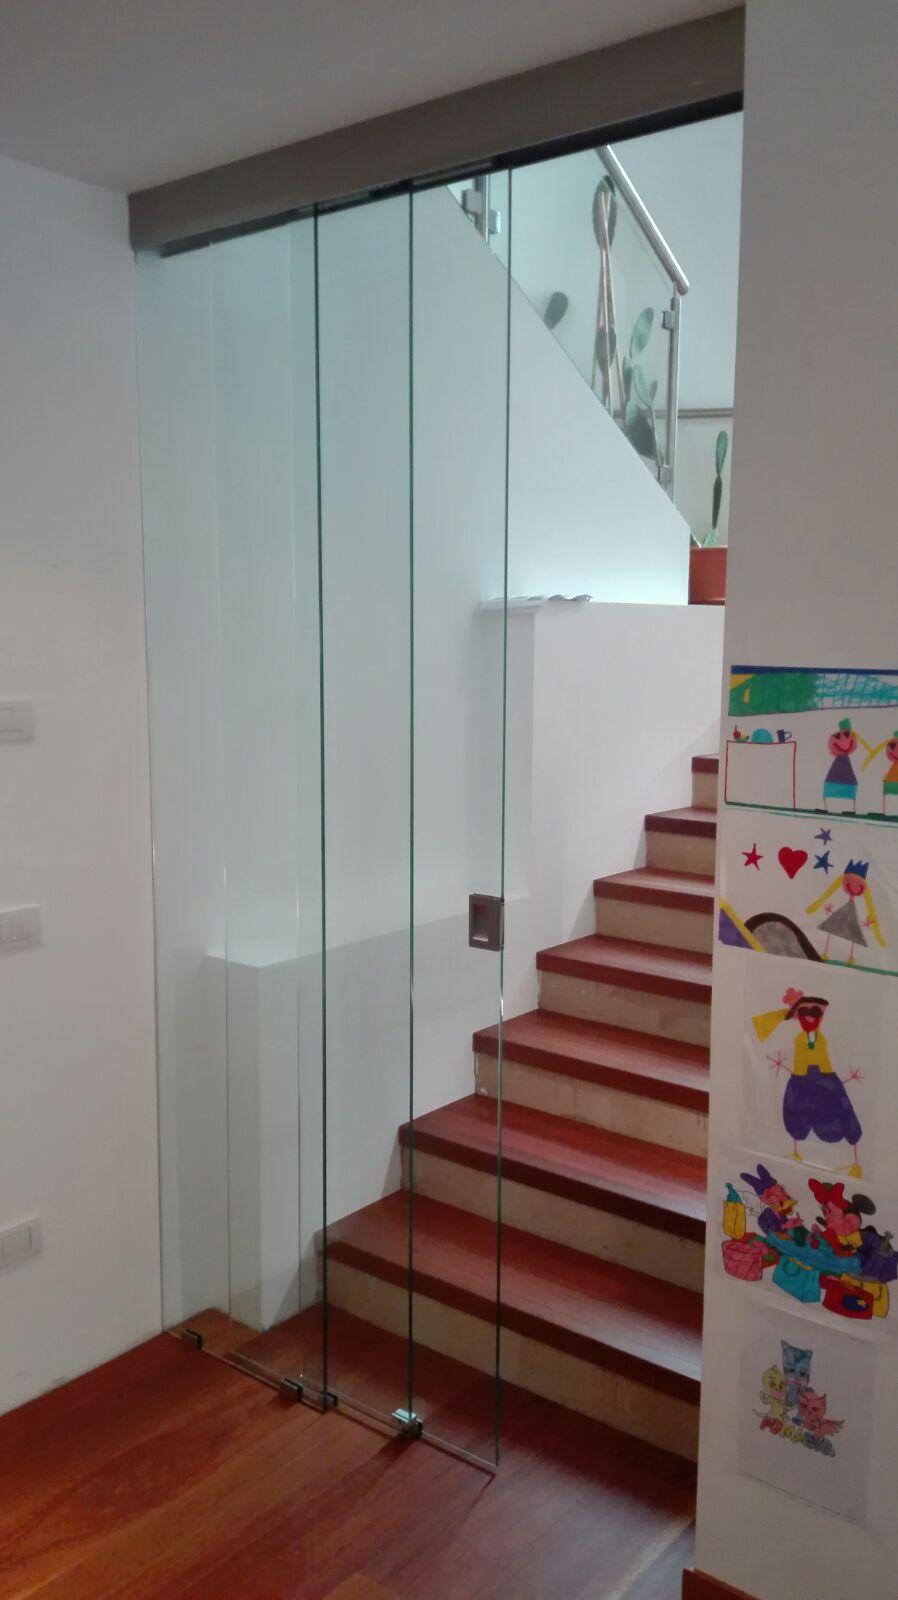 vetreria gottardi, scorrevole, parete divisoria, divisoria scorrevole, vetro, gottardi pergine, vetreria, vetro